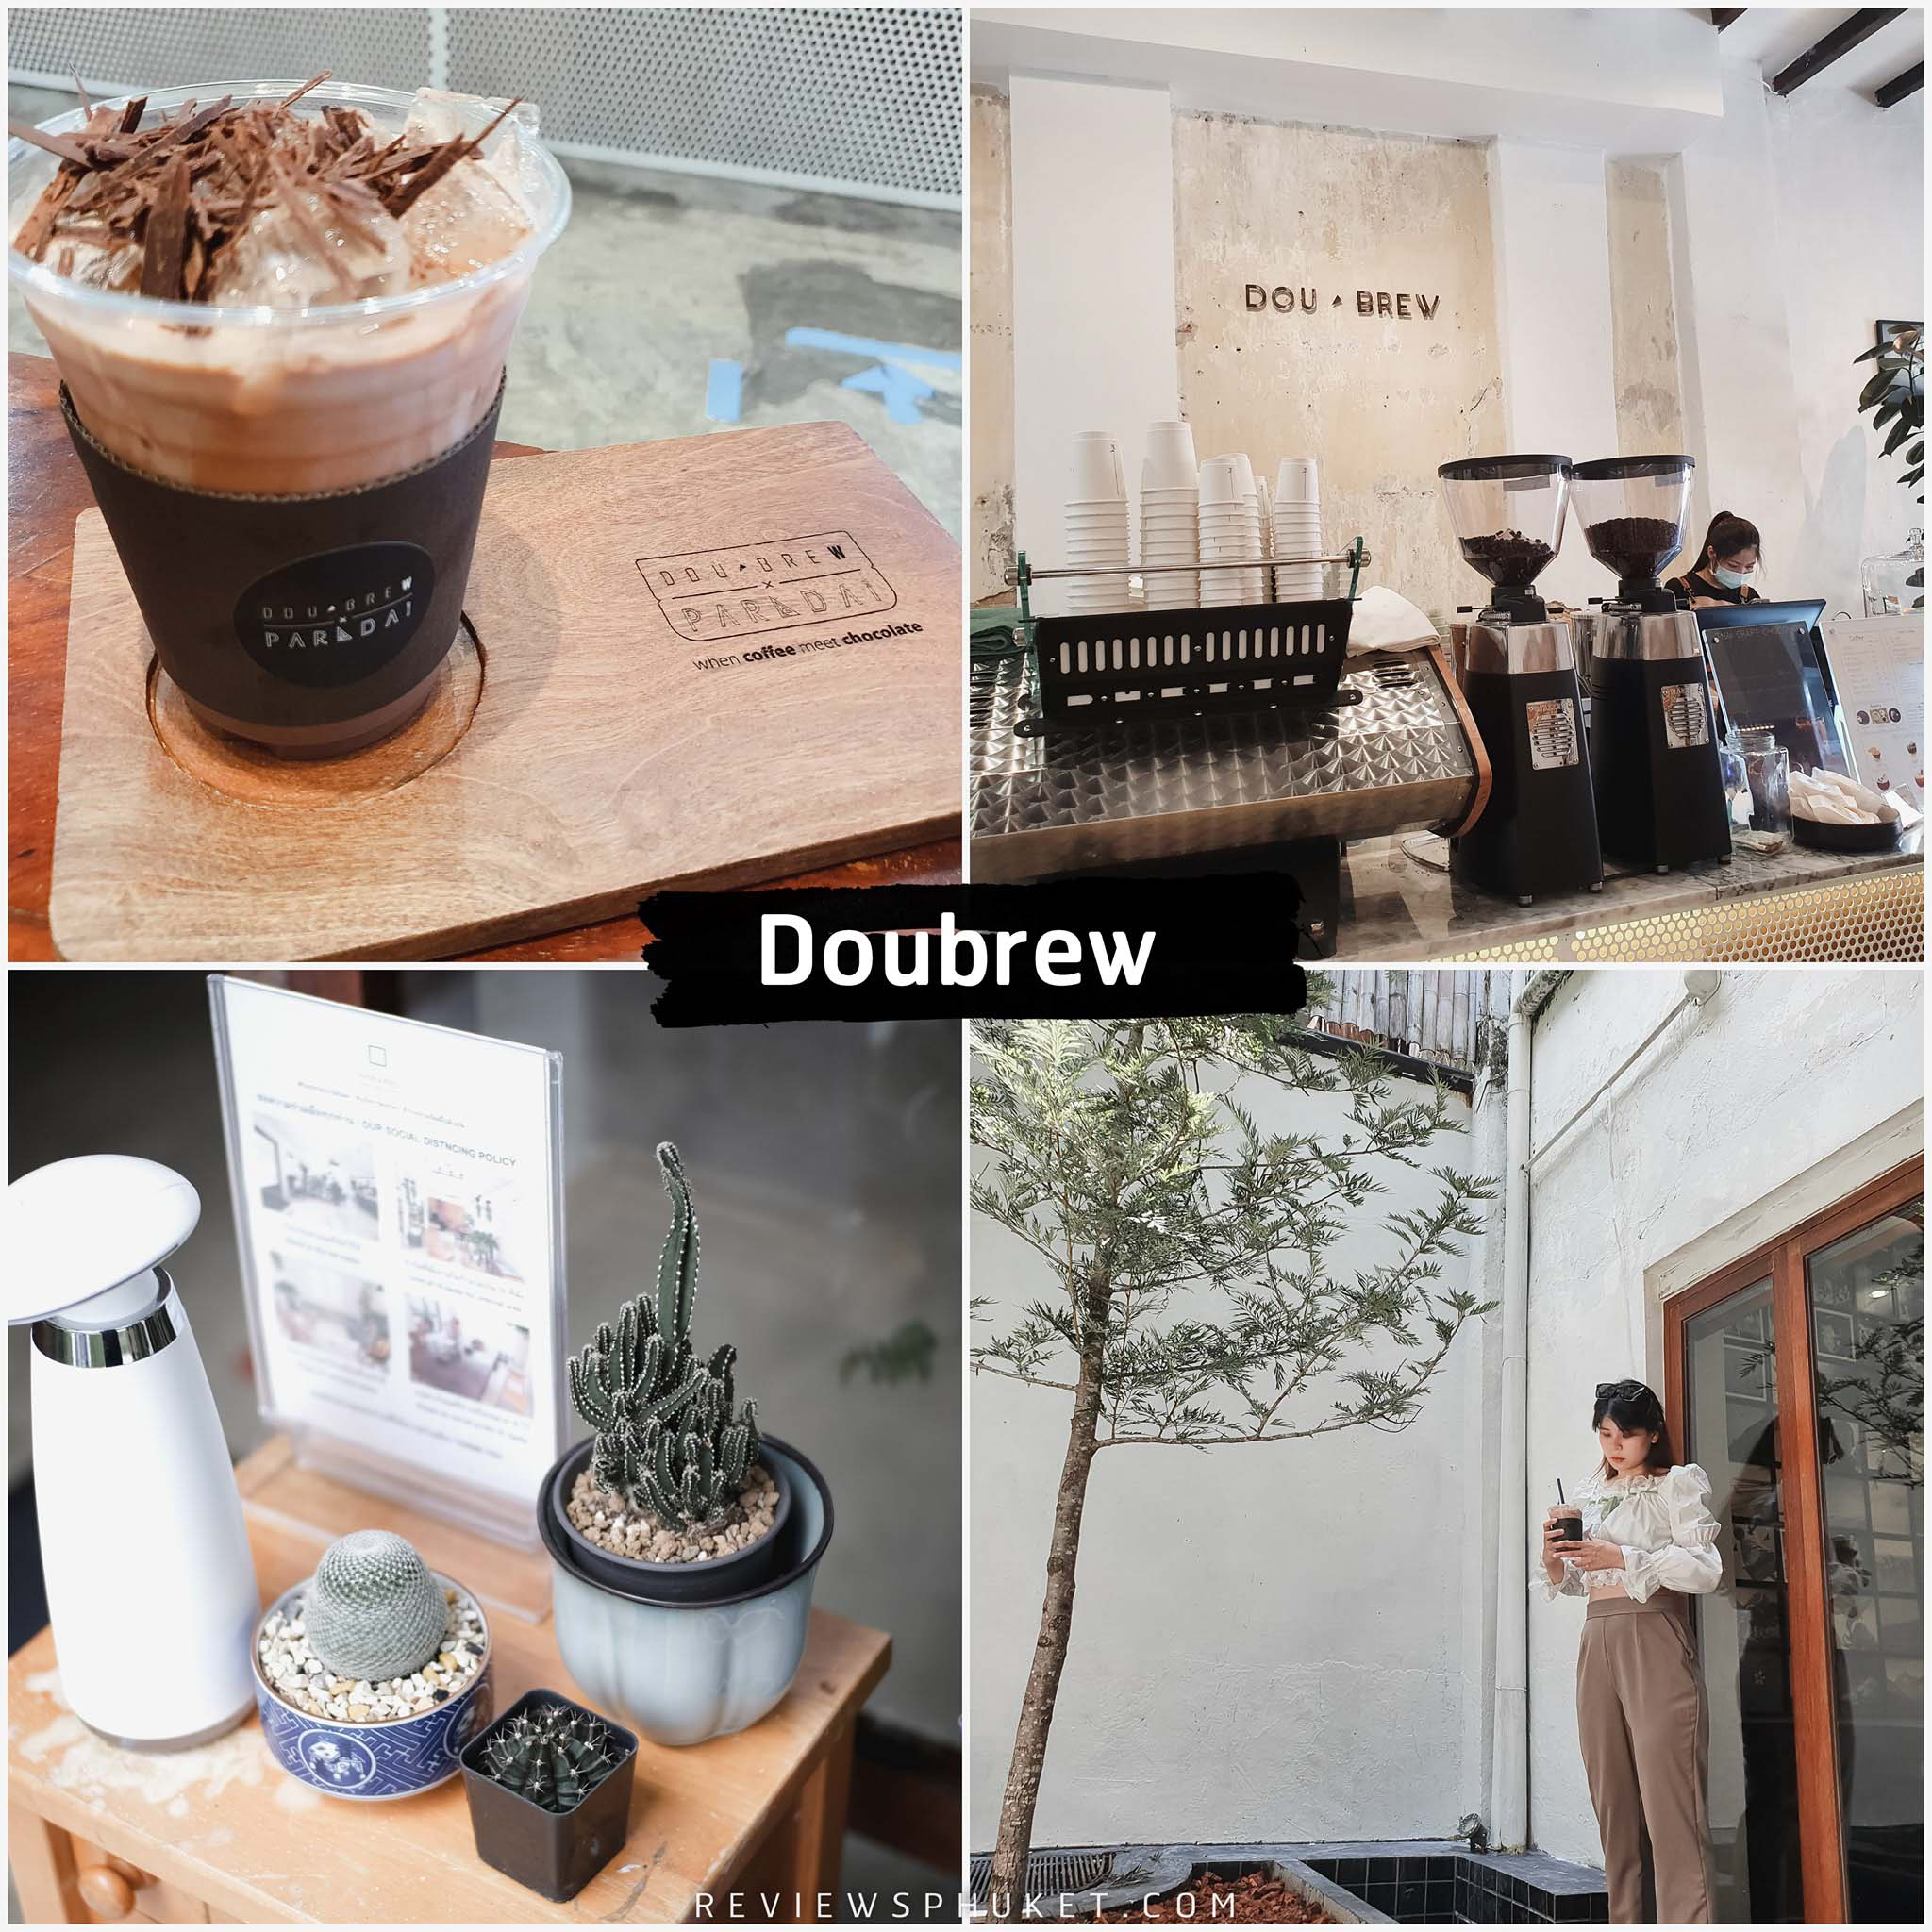 Dou-brew-coffee---craft จุดเช็คอินเด็ดๆ--ภูเก็ต-คาเฟ่สวยเก๋-ตกแต่งสไตล์มินิมอลสีเขียวบรรยากาศร้านน่านั่งมวากกกก  ภูเก็ต,คาเฟ่,ที่เที่ยว,ร้านกาแฟ,เด็ด,อร่อย,ต้องลอง